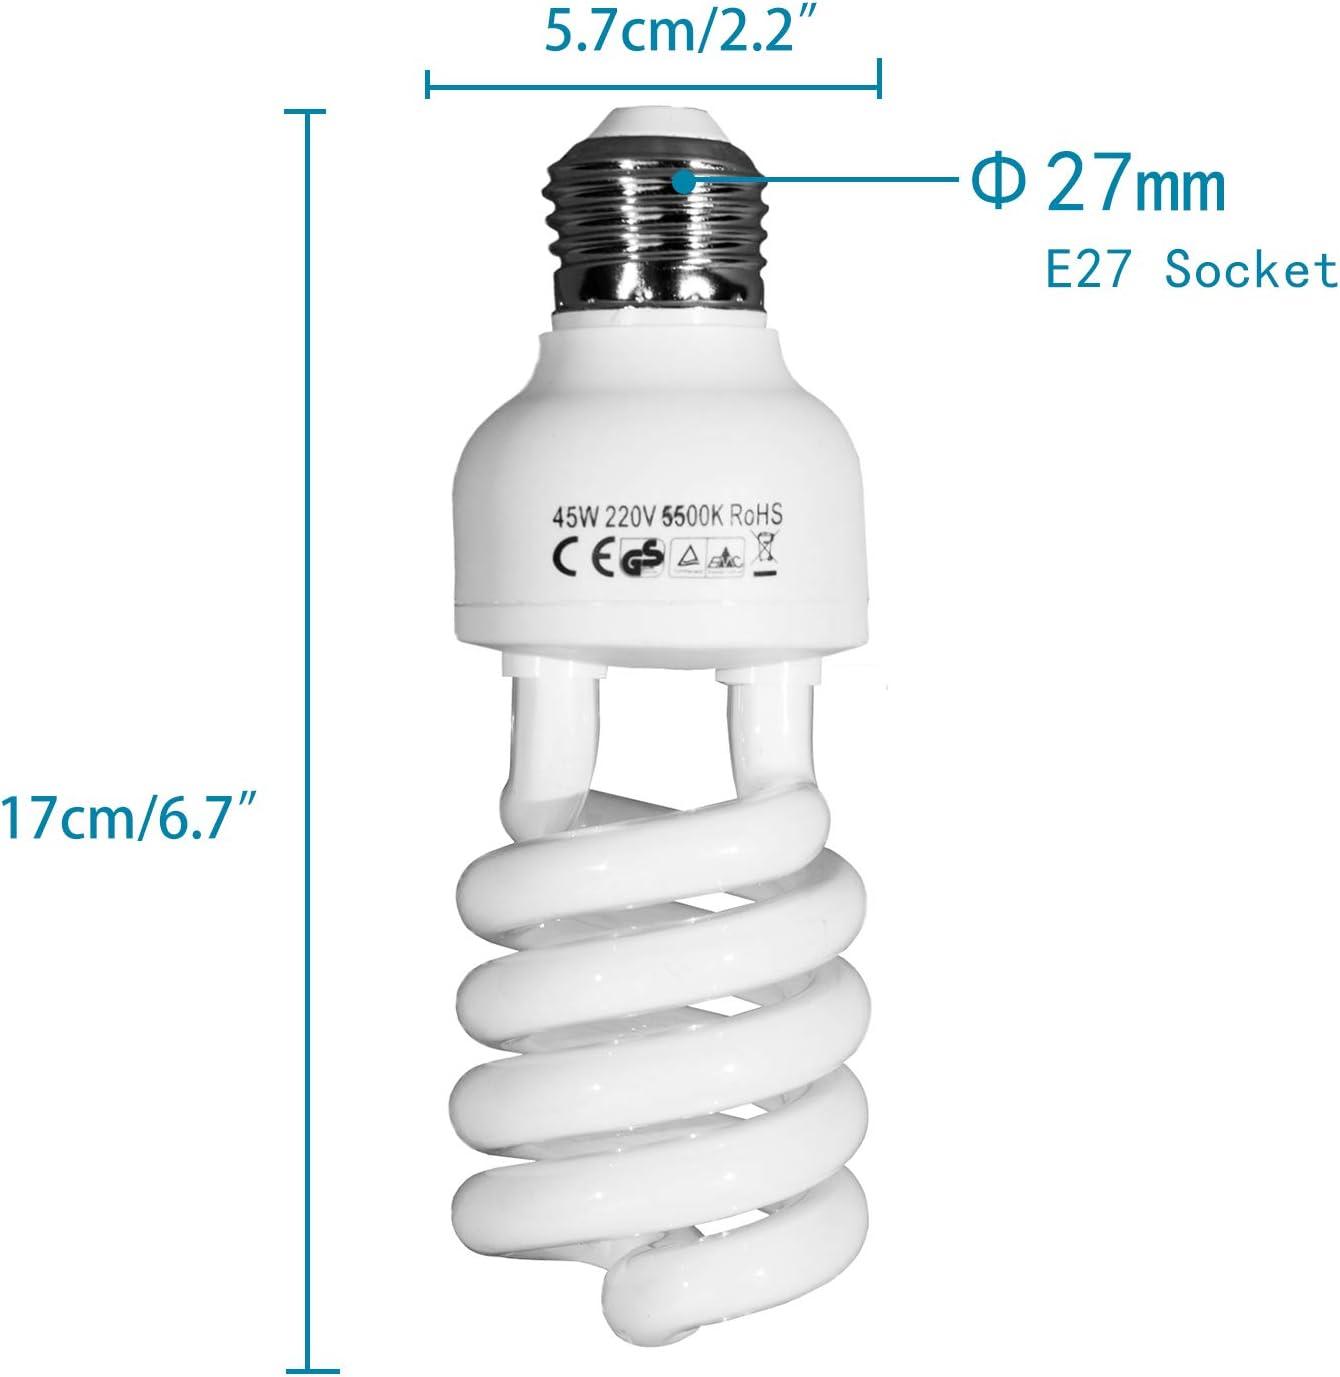 2 X 45w E27 5500k Fluorescent Light Bulbs Daylight Kamera